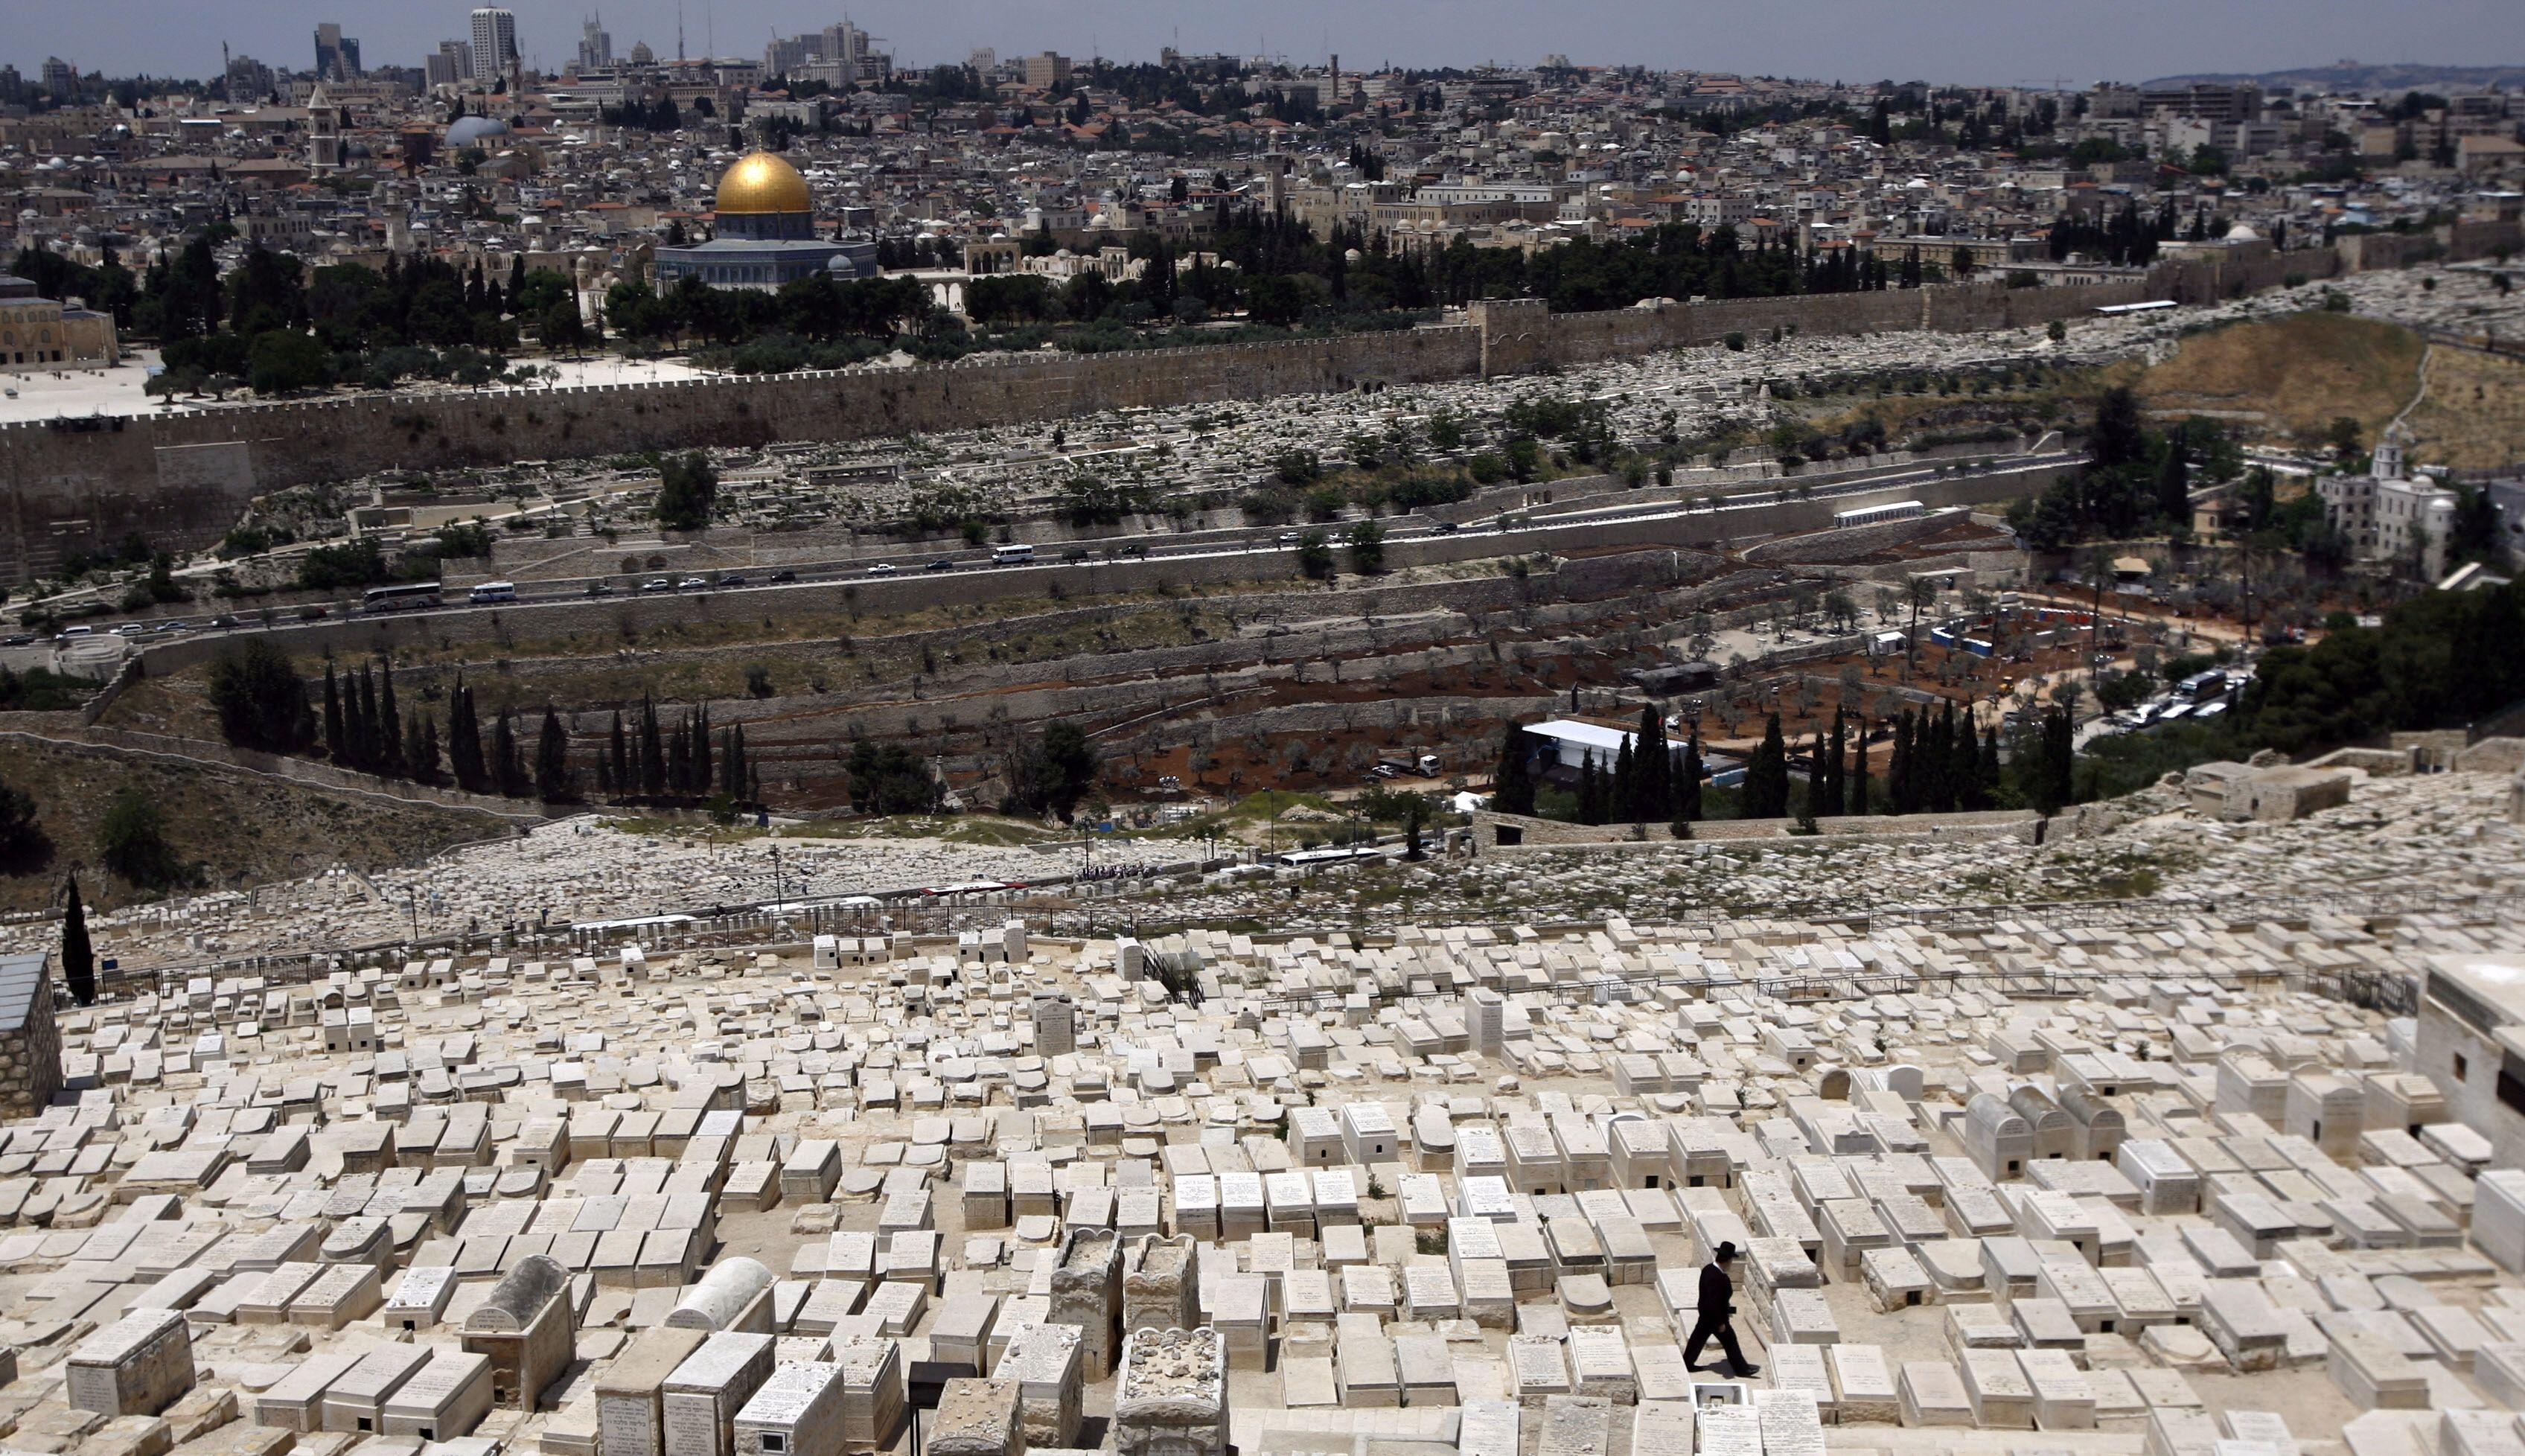 Mount of Olives in Jerusalem